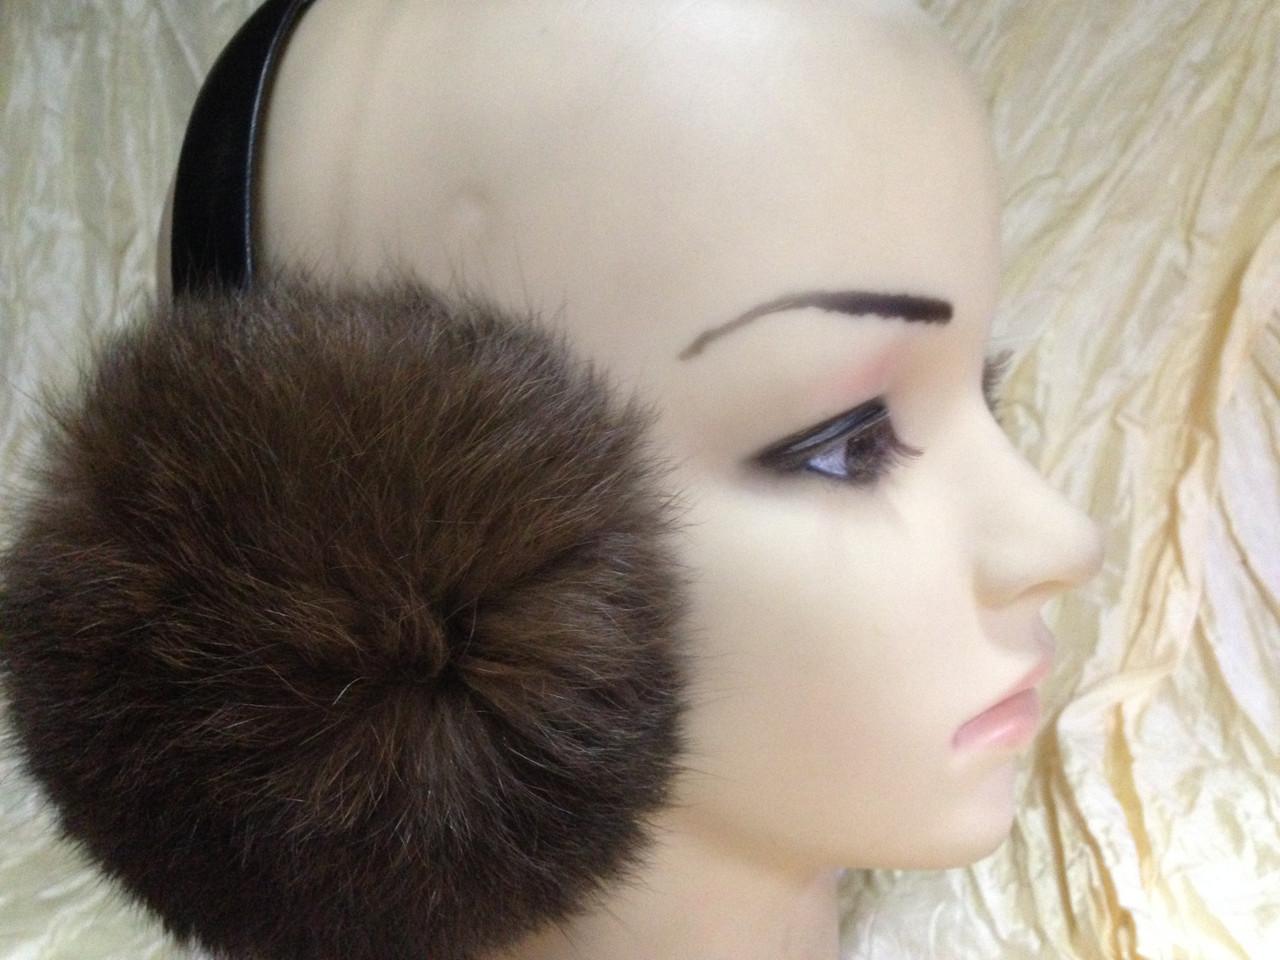 Наушники на широком обруче из меха кролика цвет коричневый